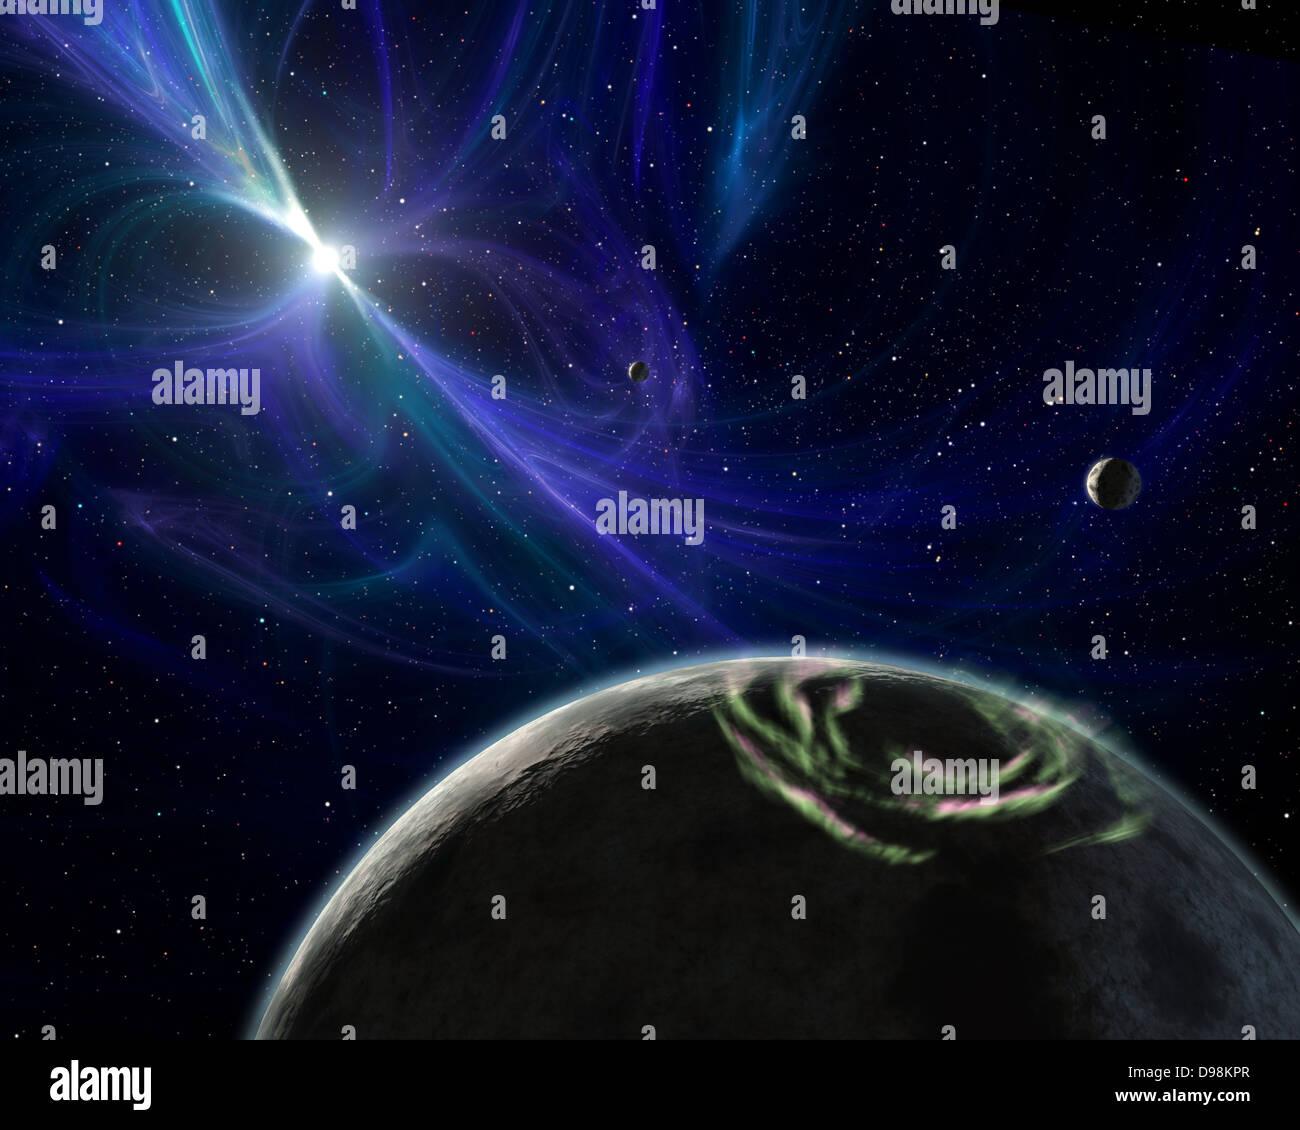 Concepción artística del sistema planetario de pulsares descubiertos por Aleksander Wolszczan en 1992. Imagen De Stock